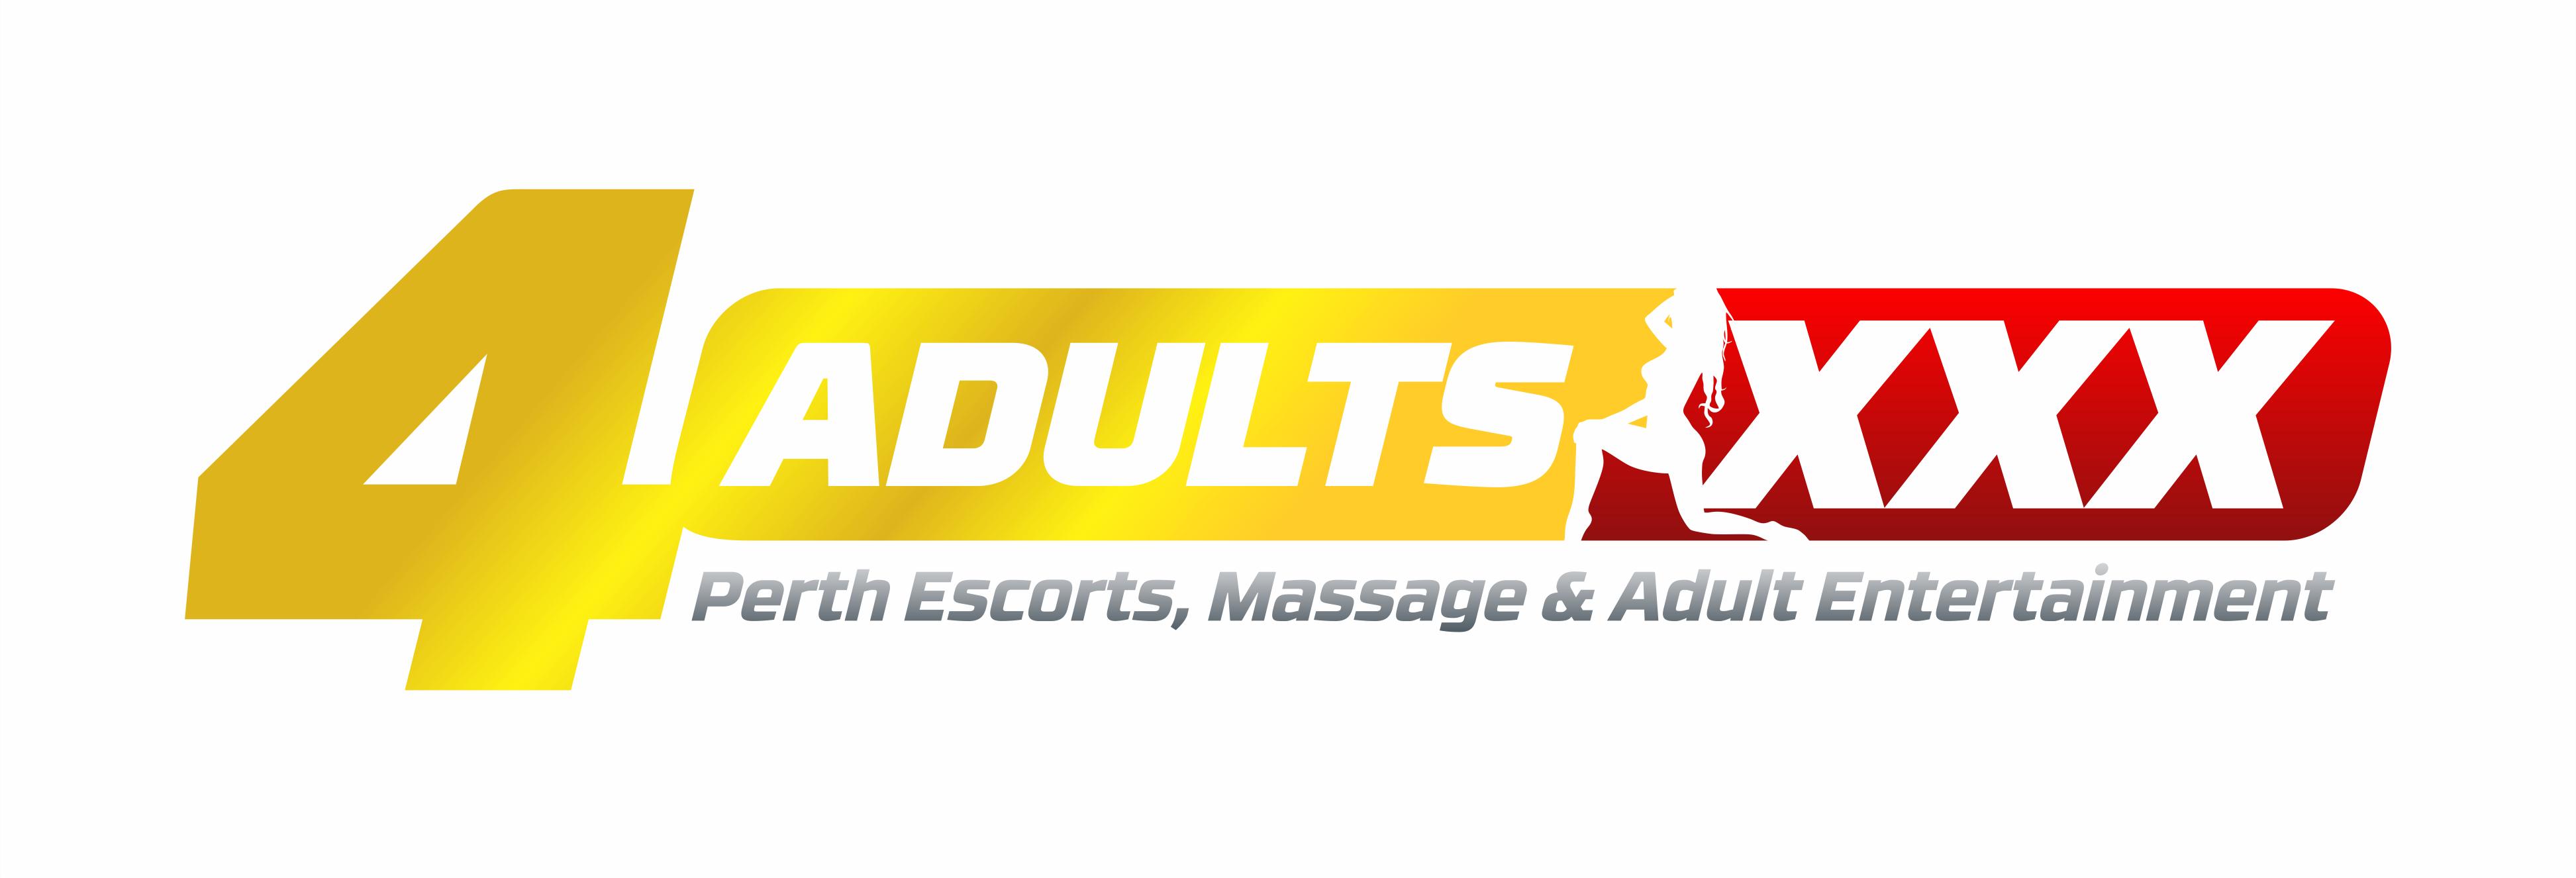 4 Adults XXX